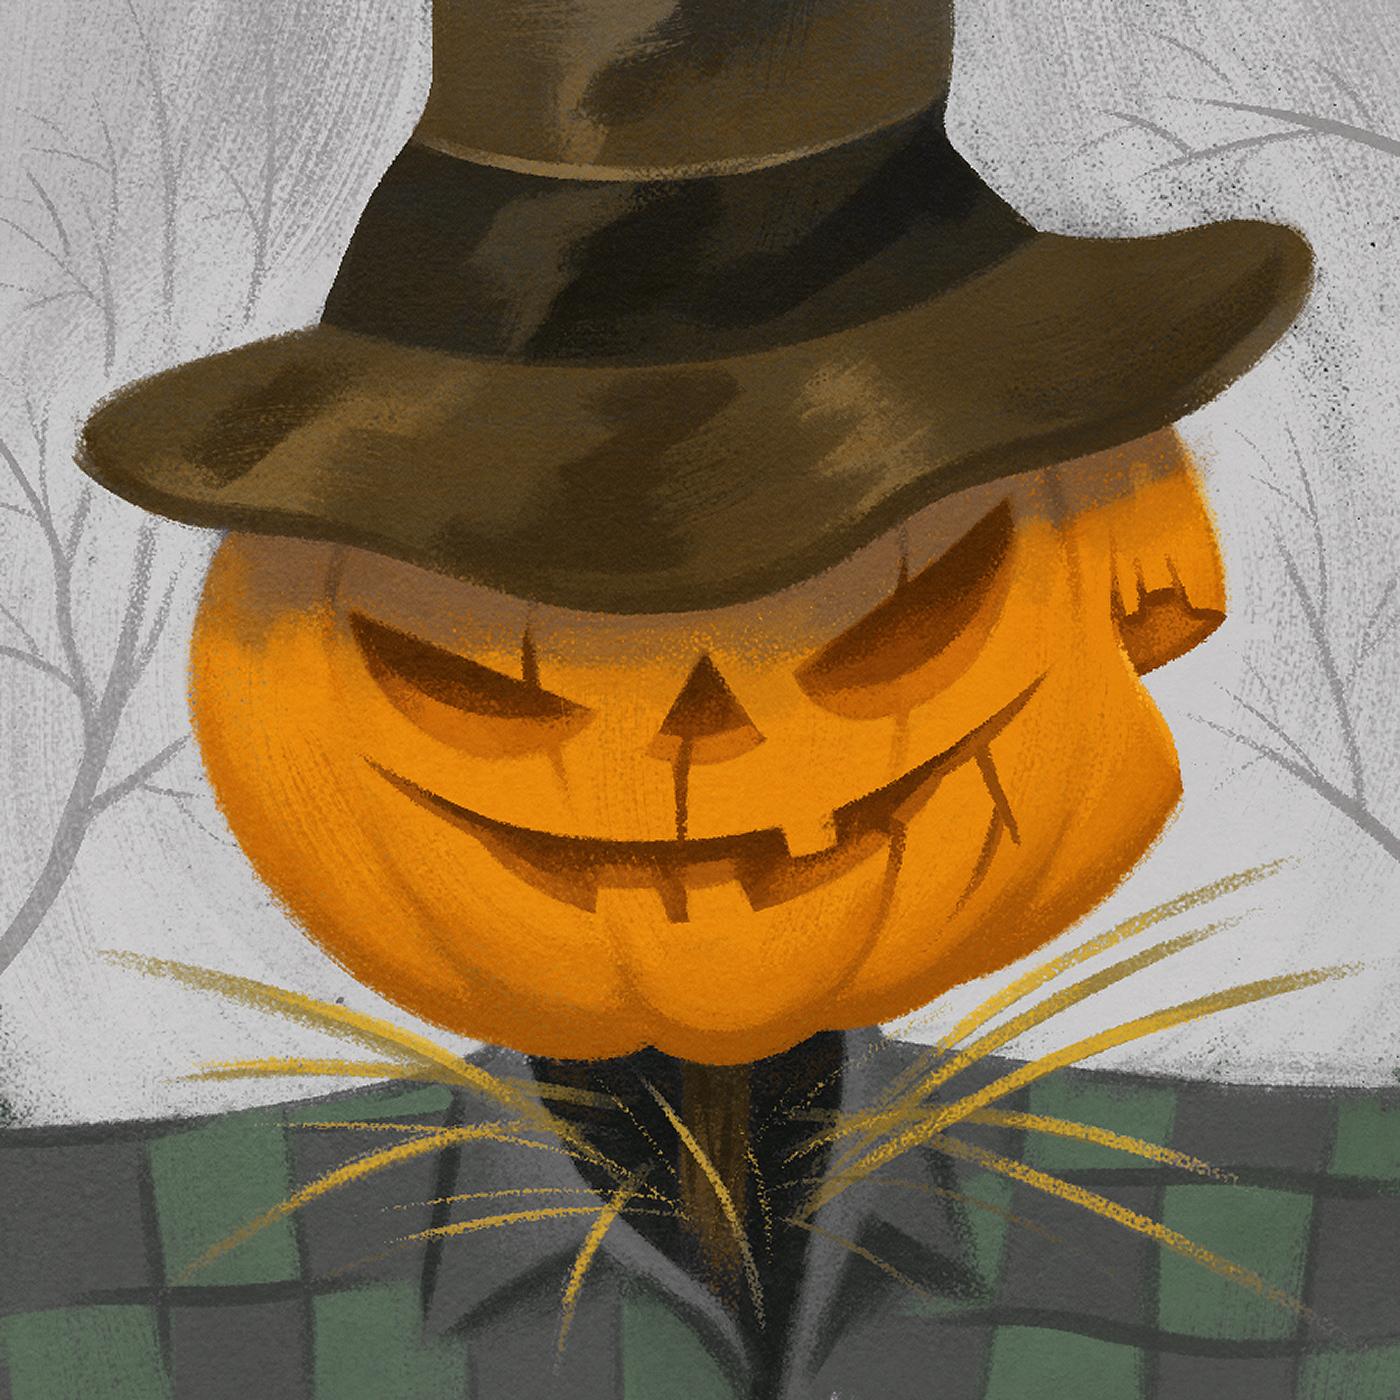 pumpkin_halloween.jpg